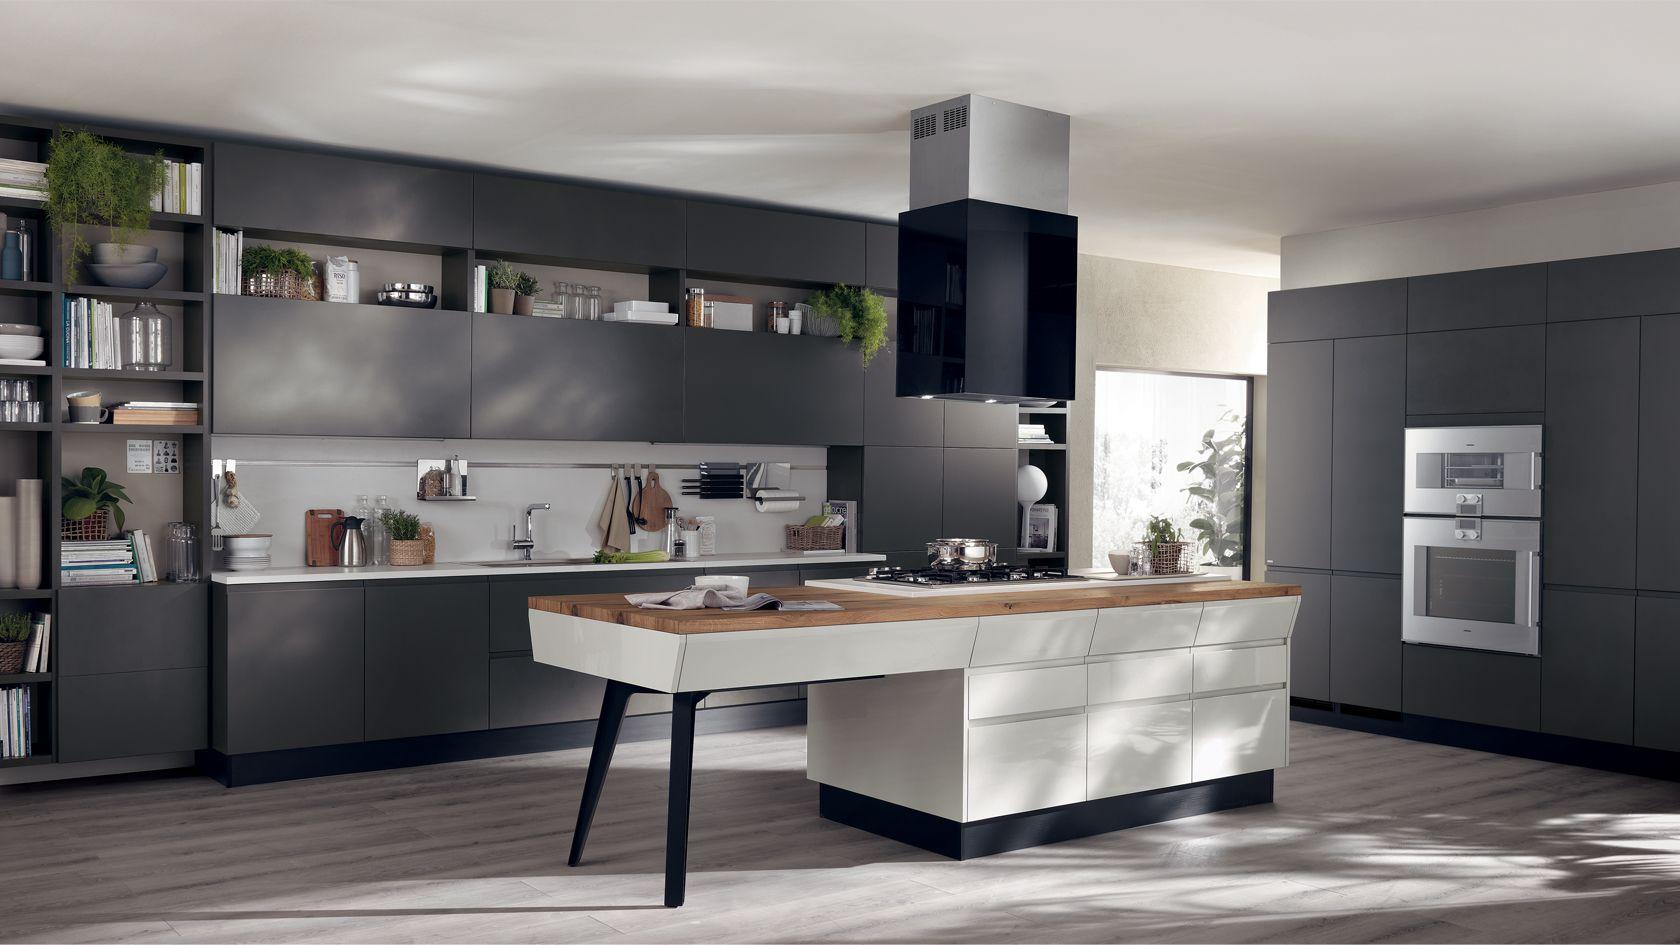 Cucina antracite e pavimento gres porcellanato rovere grigio ...